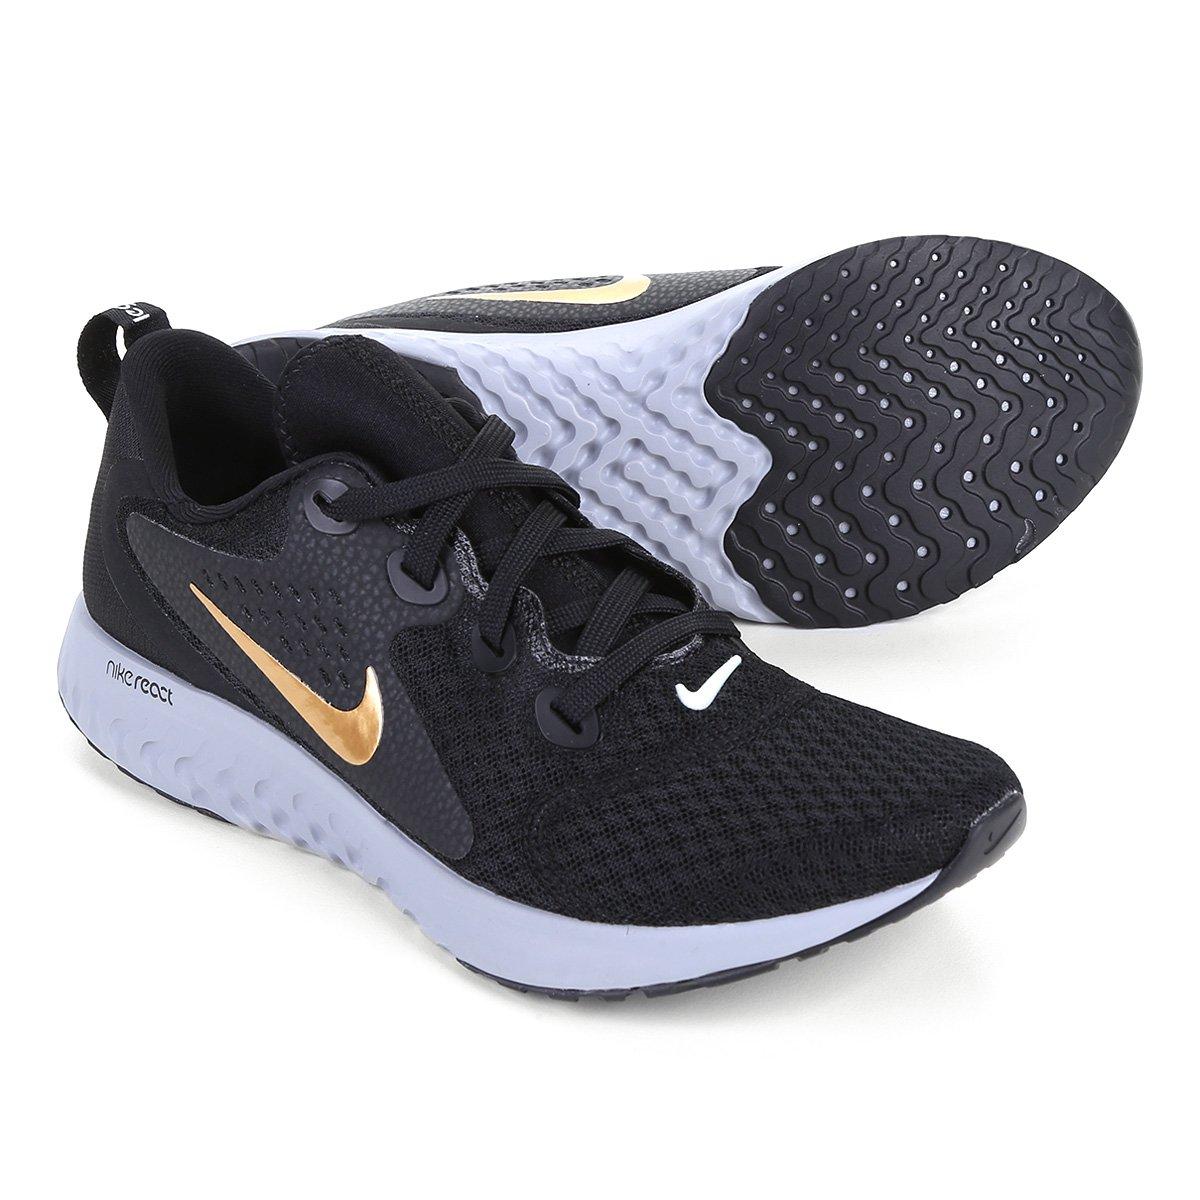 Tênis Nike Legend React Feminino Preto E Dourado